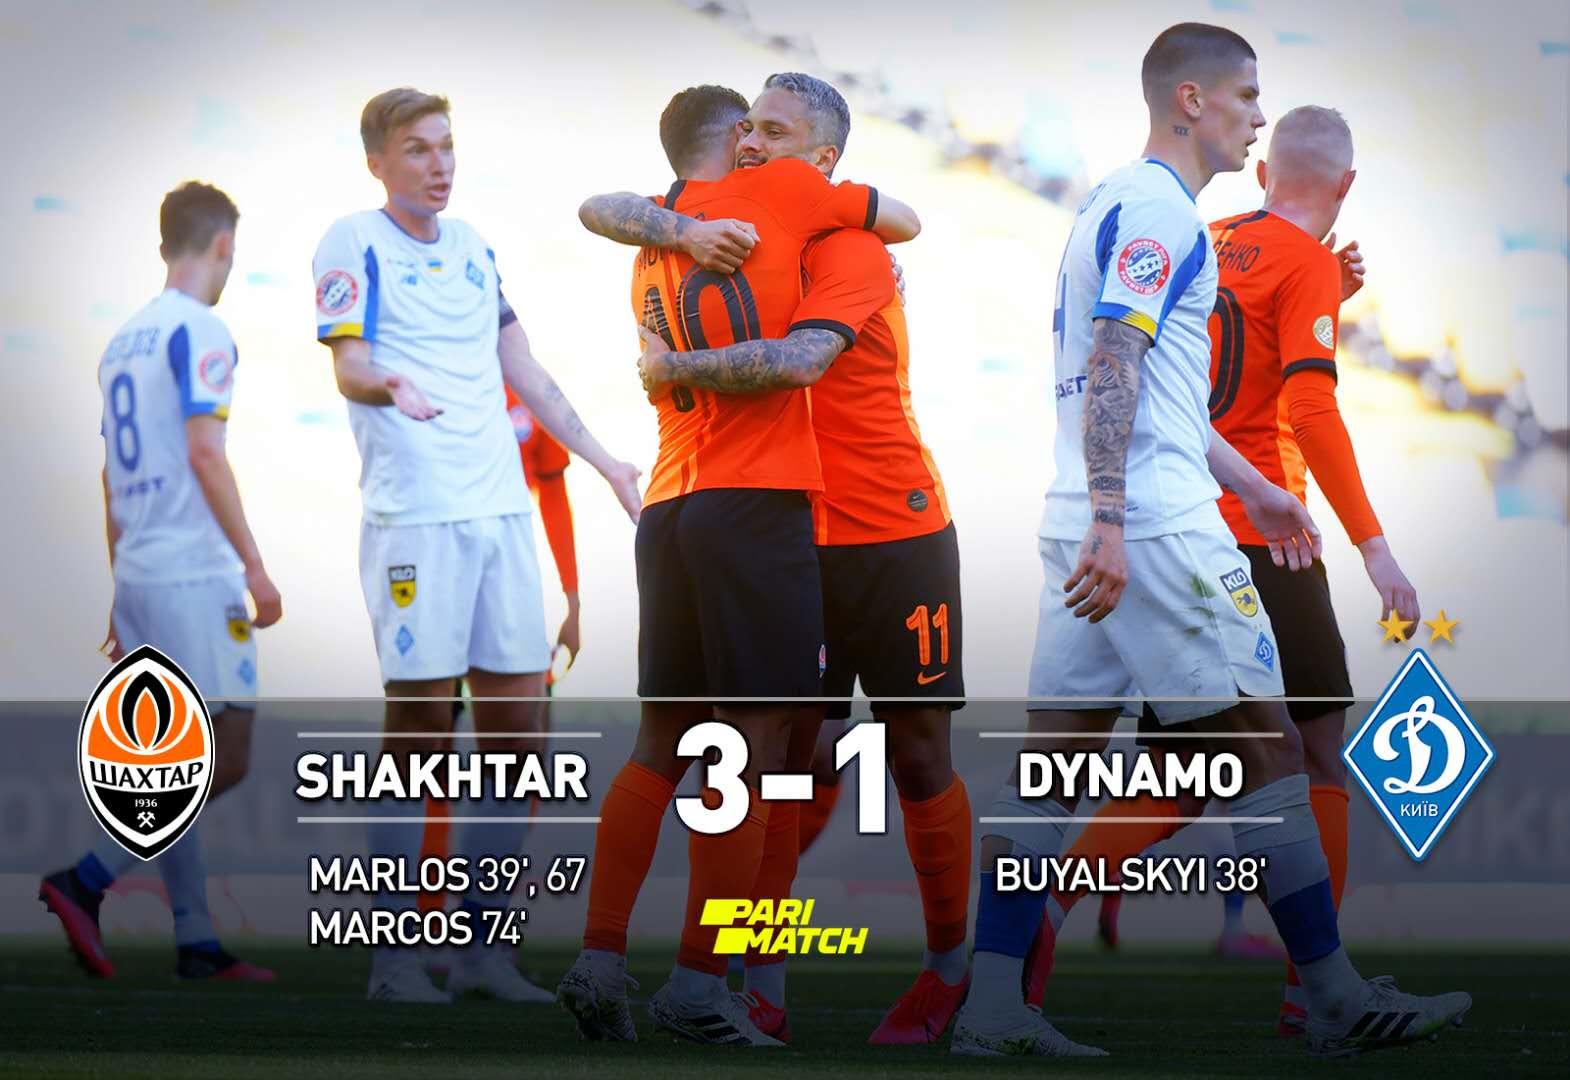 矿工3-1反转基辅迪纳摩,赛季三杀对手乌超夺冠在看